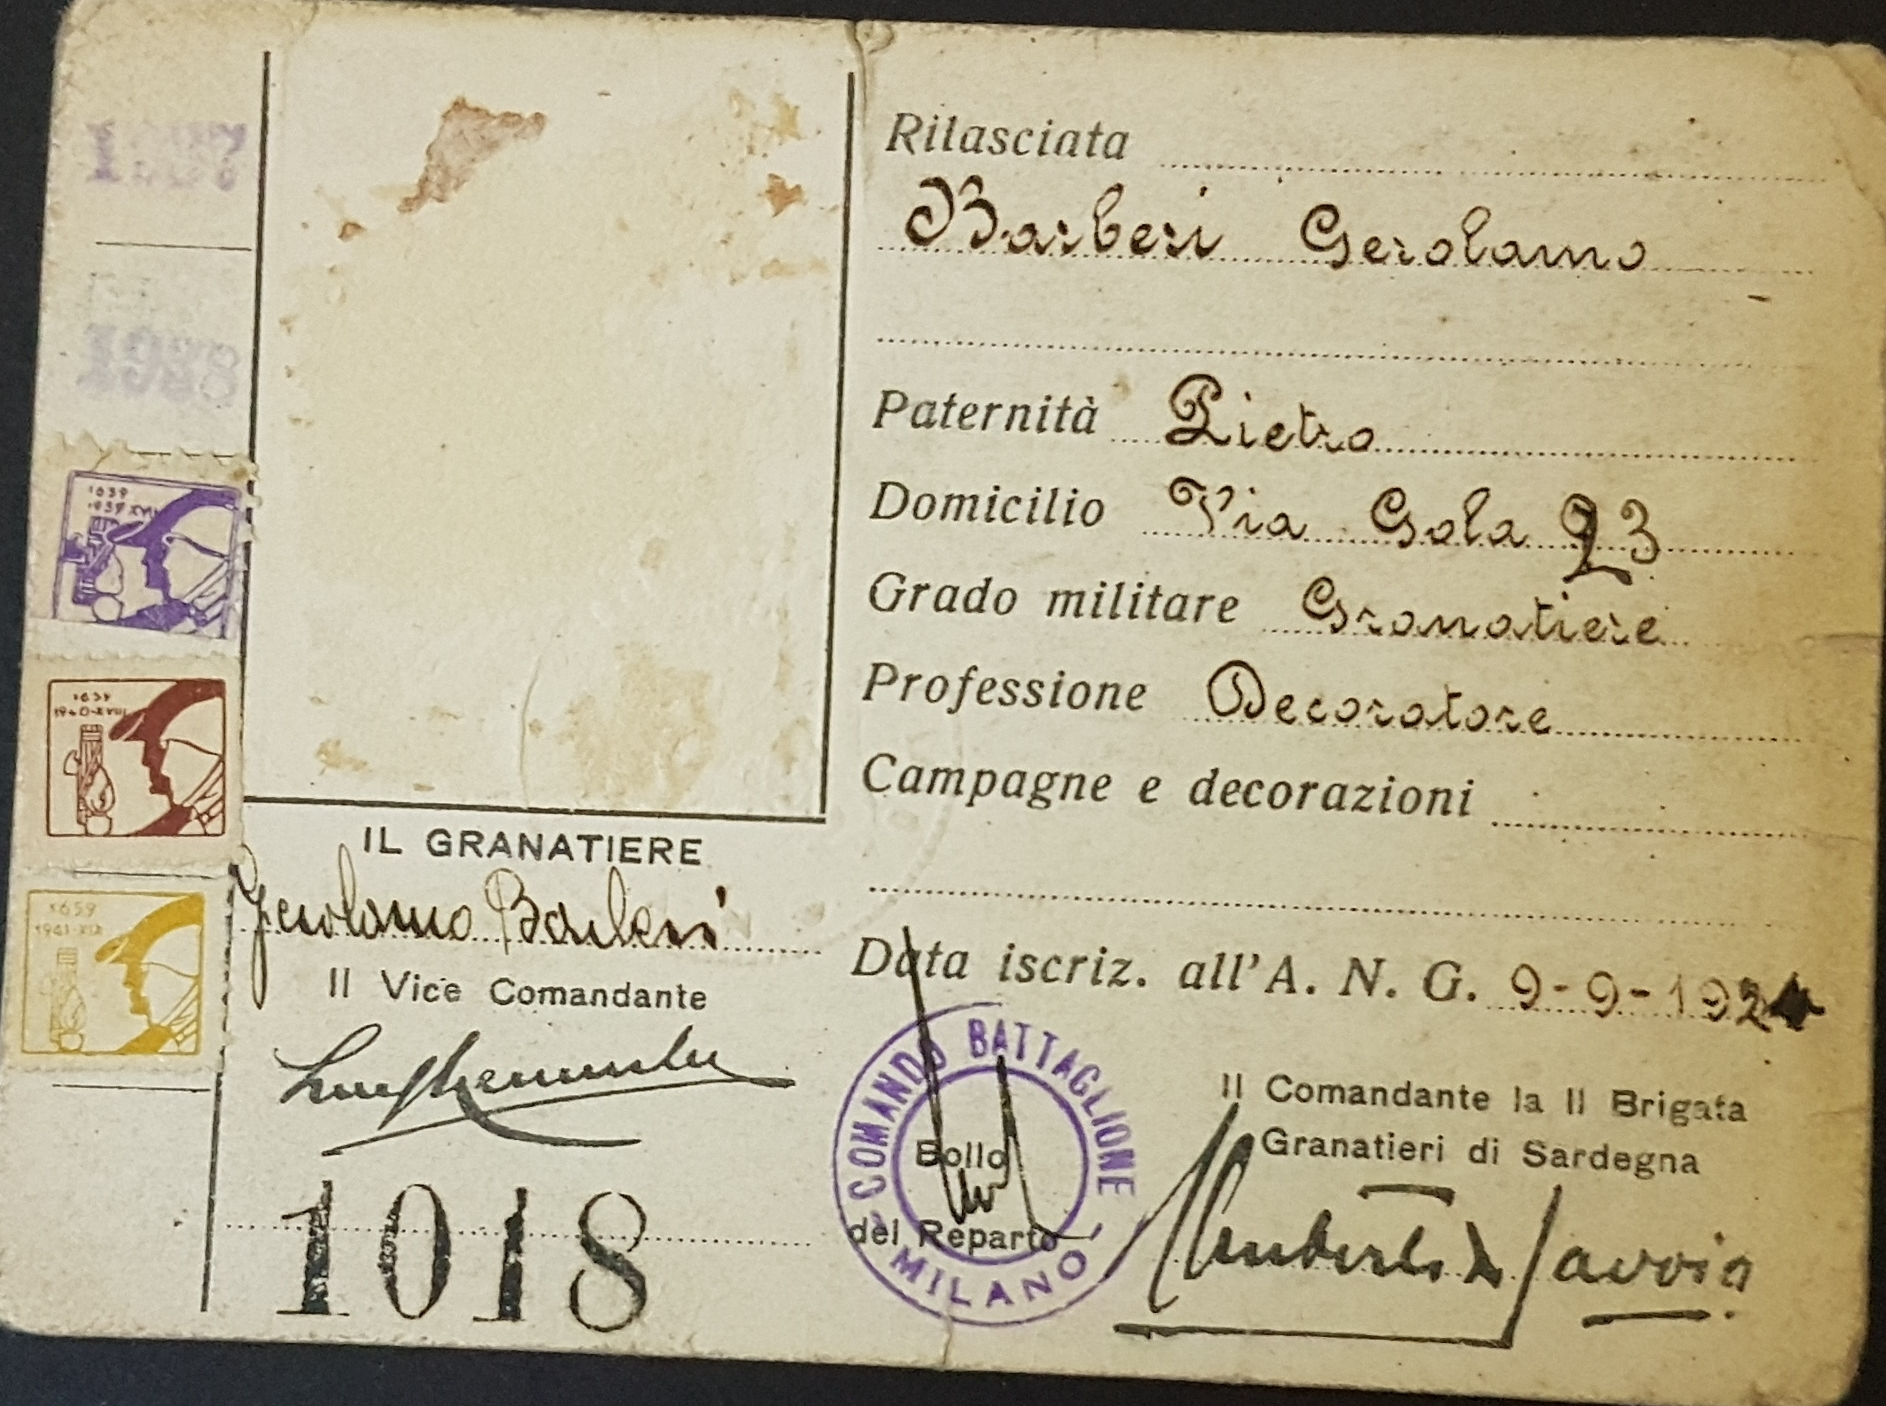 Tessera II Brigata Granatieri di Sardegna - 1924